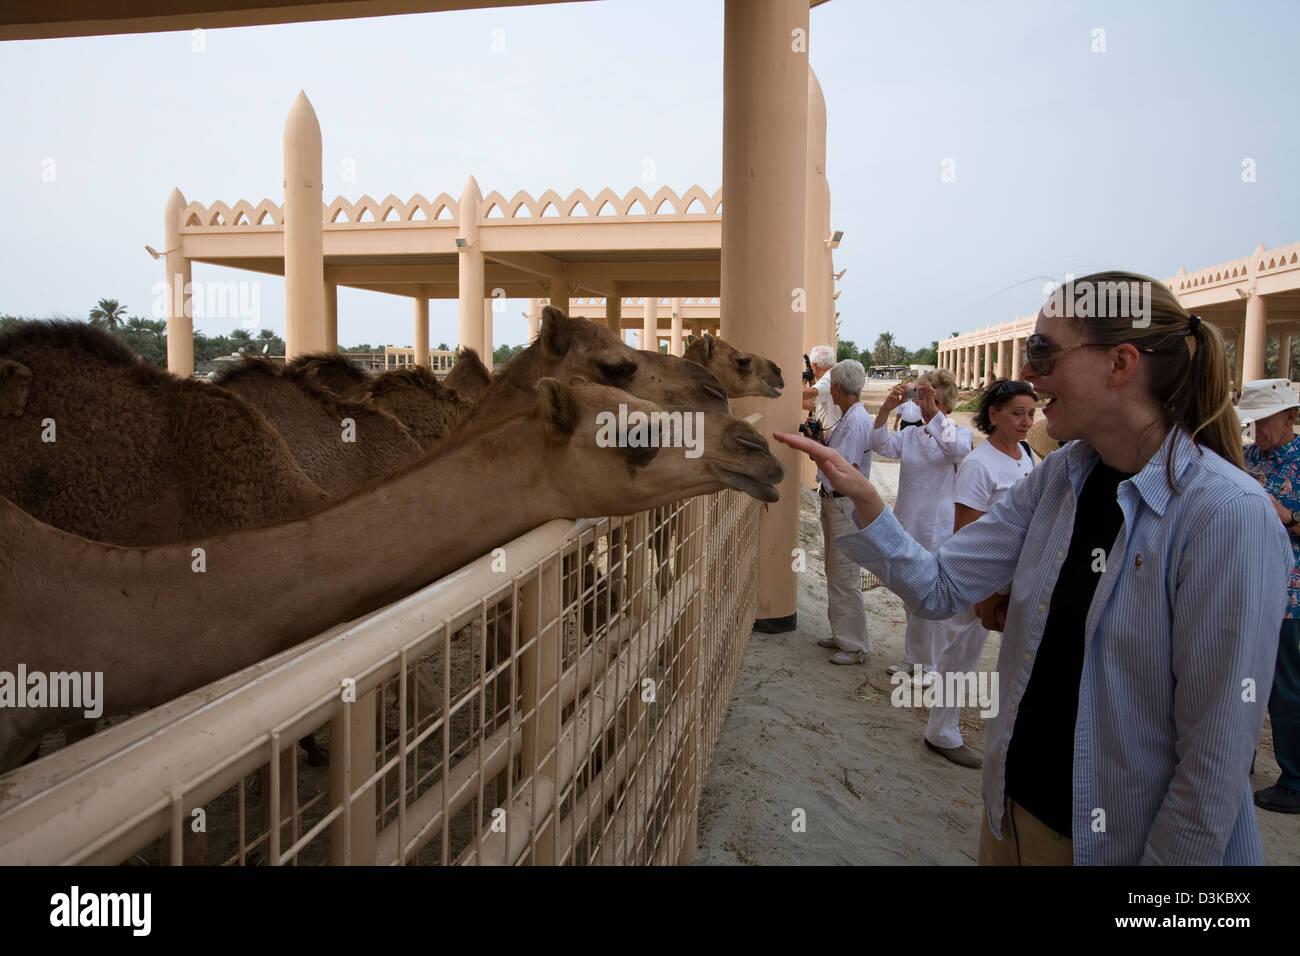 Al-Khalifa d'équitation sont ouverts au public et les plus jeunes chameaux en particulier semblent vraiment Photo Stock